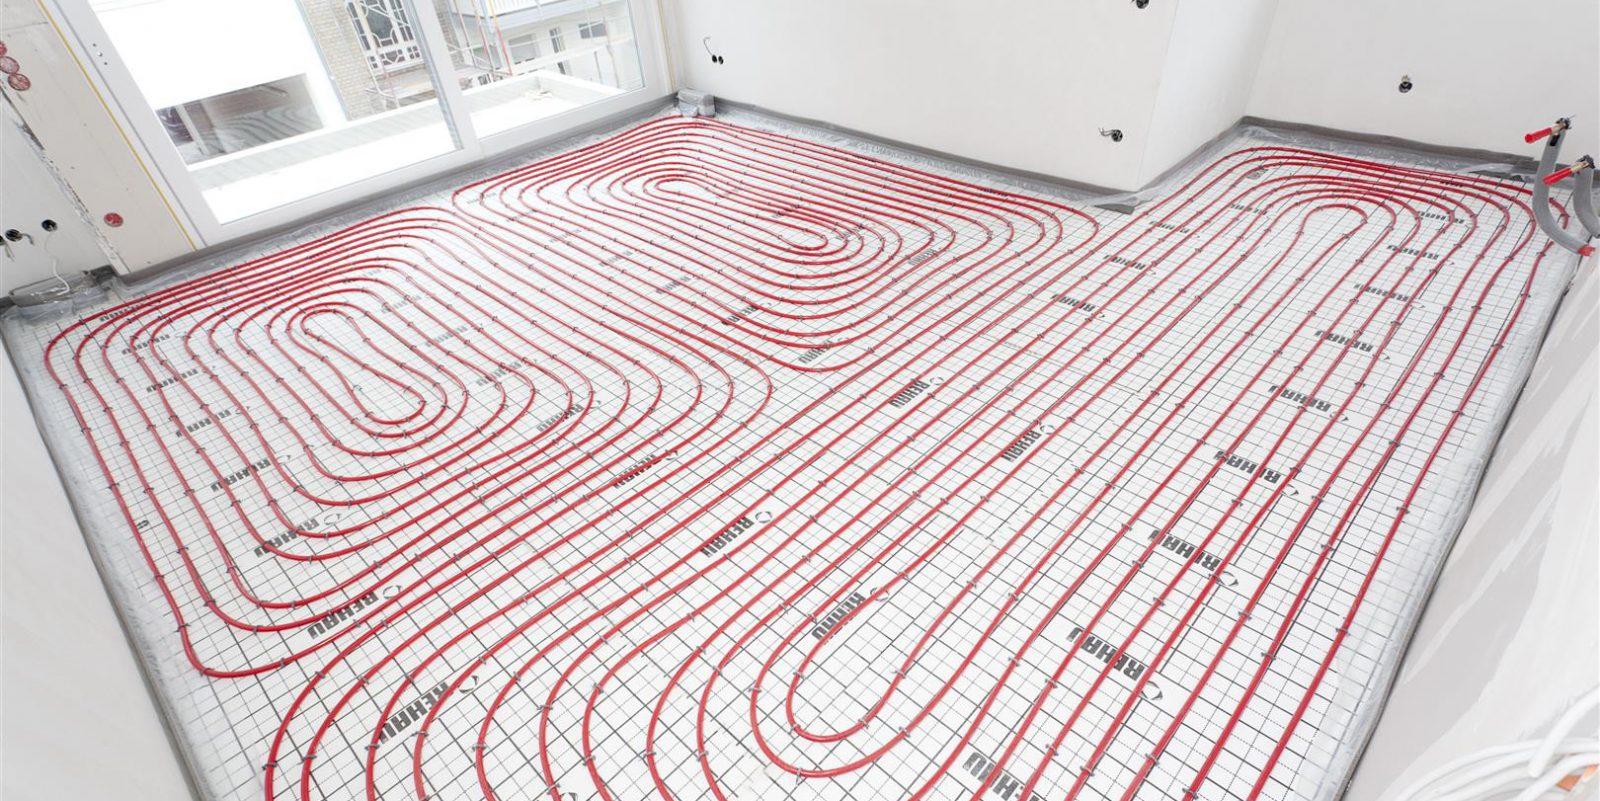 طراحی و نکات مهم در اجرای گرمایش از کف